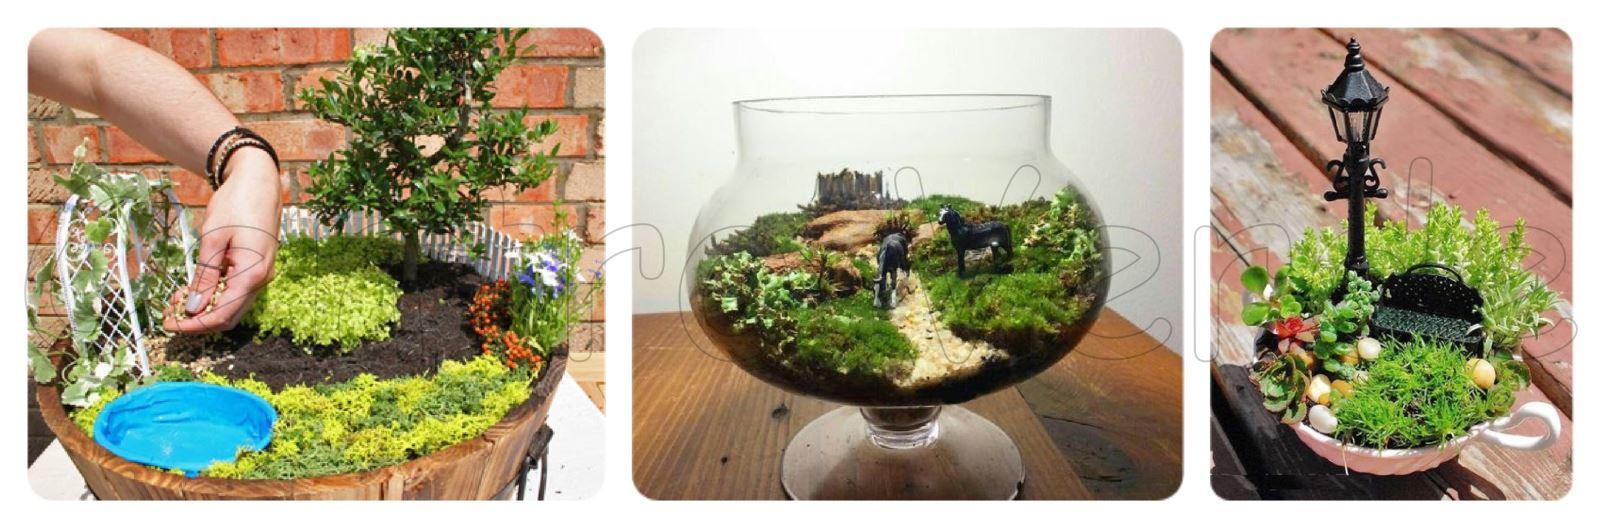 Giardino in miniatura un angolo di verde sempre con te - Giardino in miniatura ...